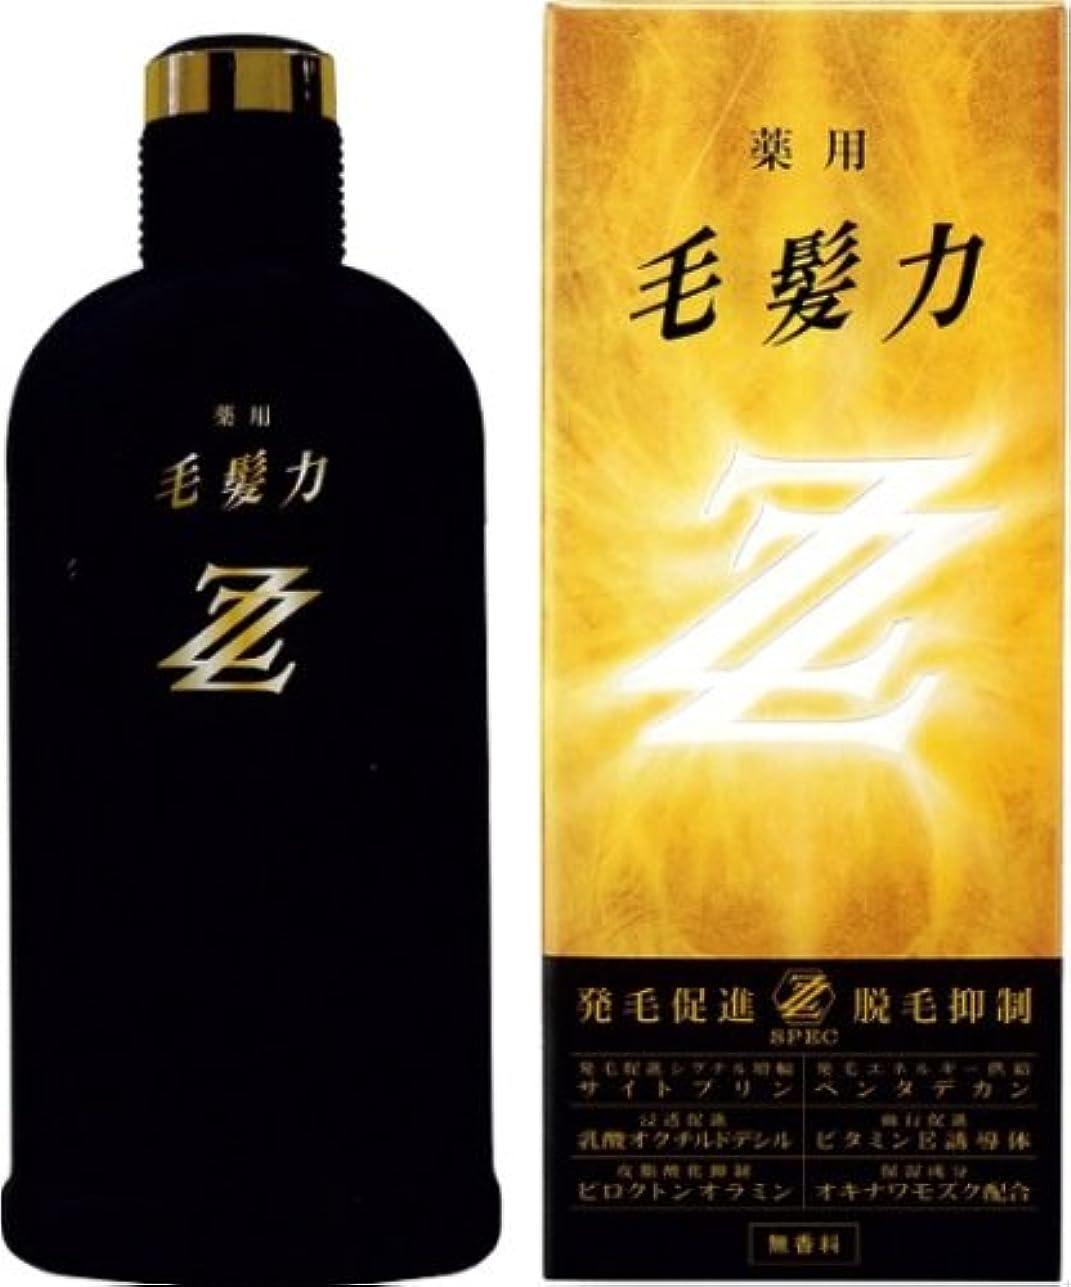 体系的に秘密の郵便番号薬用毛髪力ZZ(ダブルジー) 育毛剤 200ml(医薬部外品)